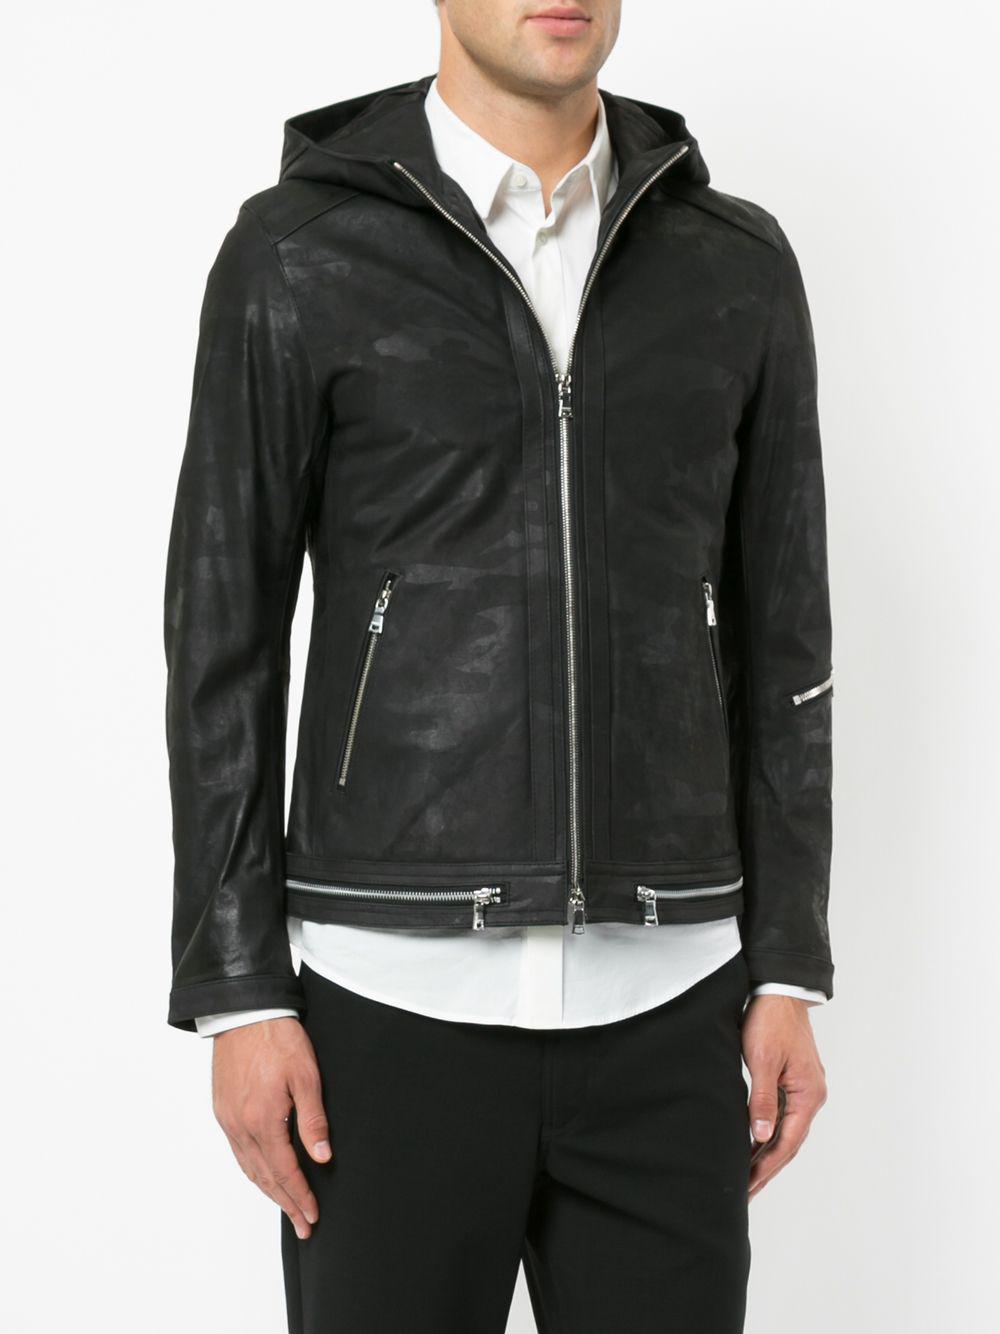 Loveless Hooded Jacket in Black for Men